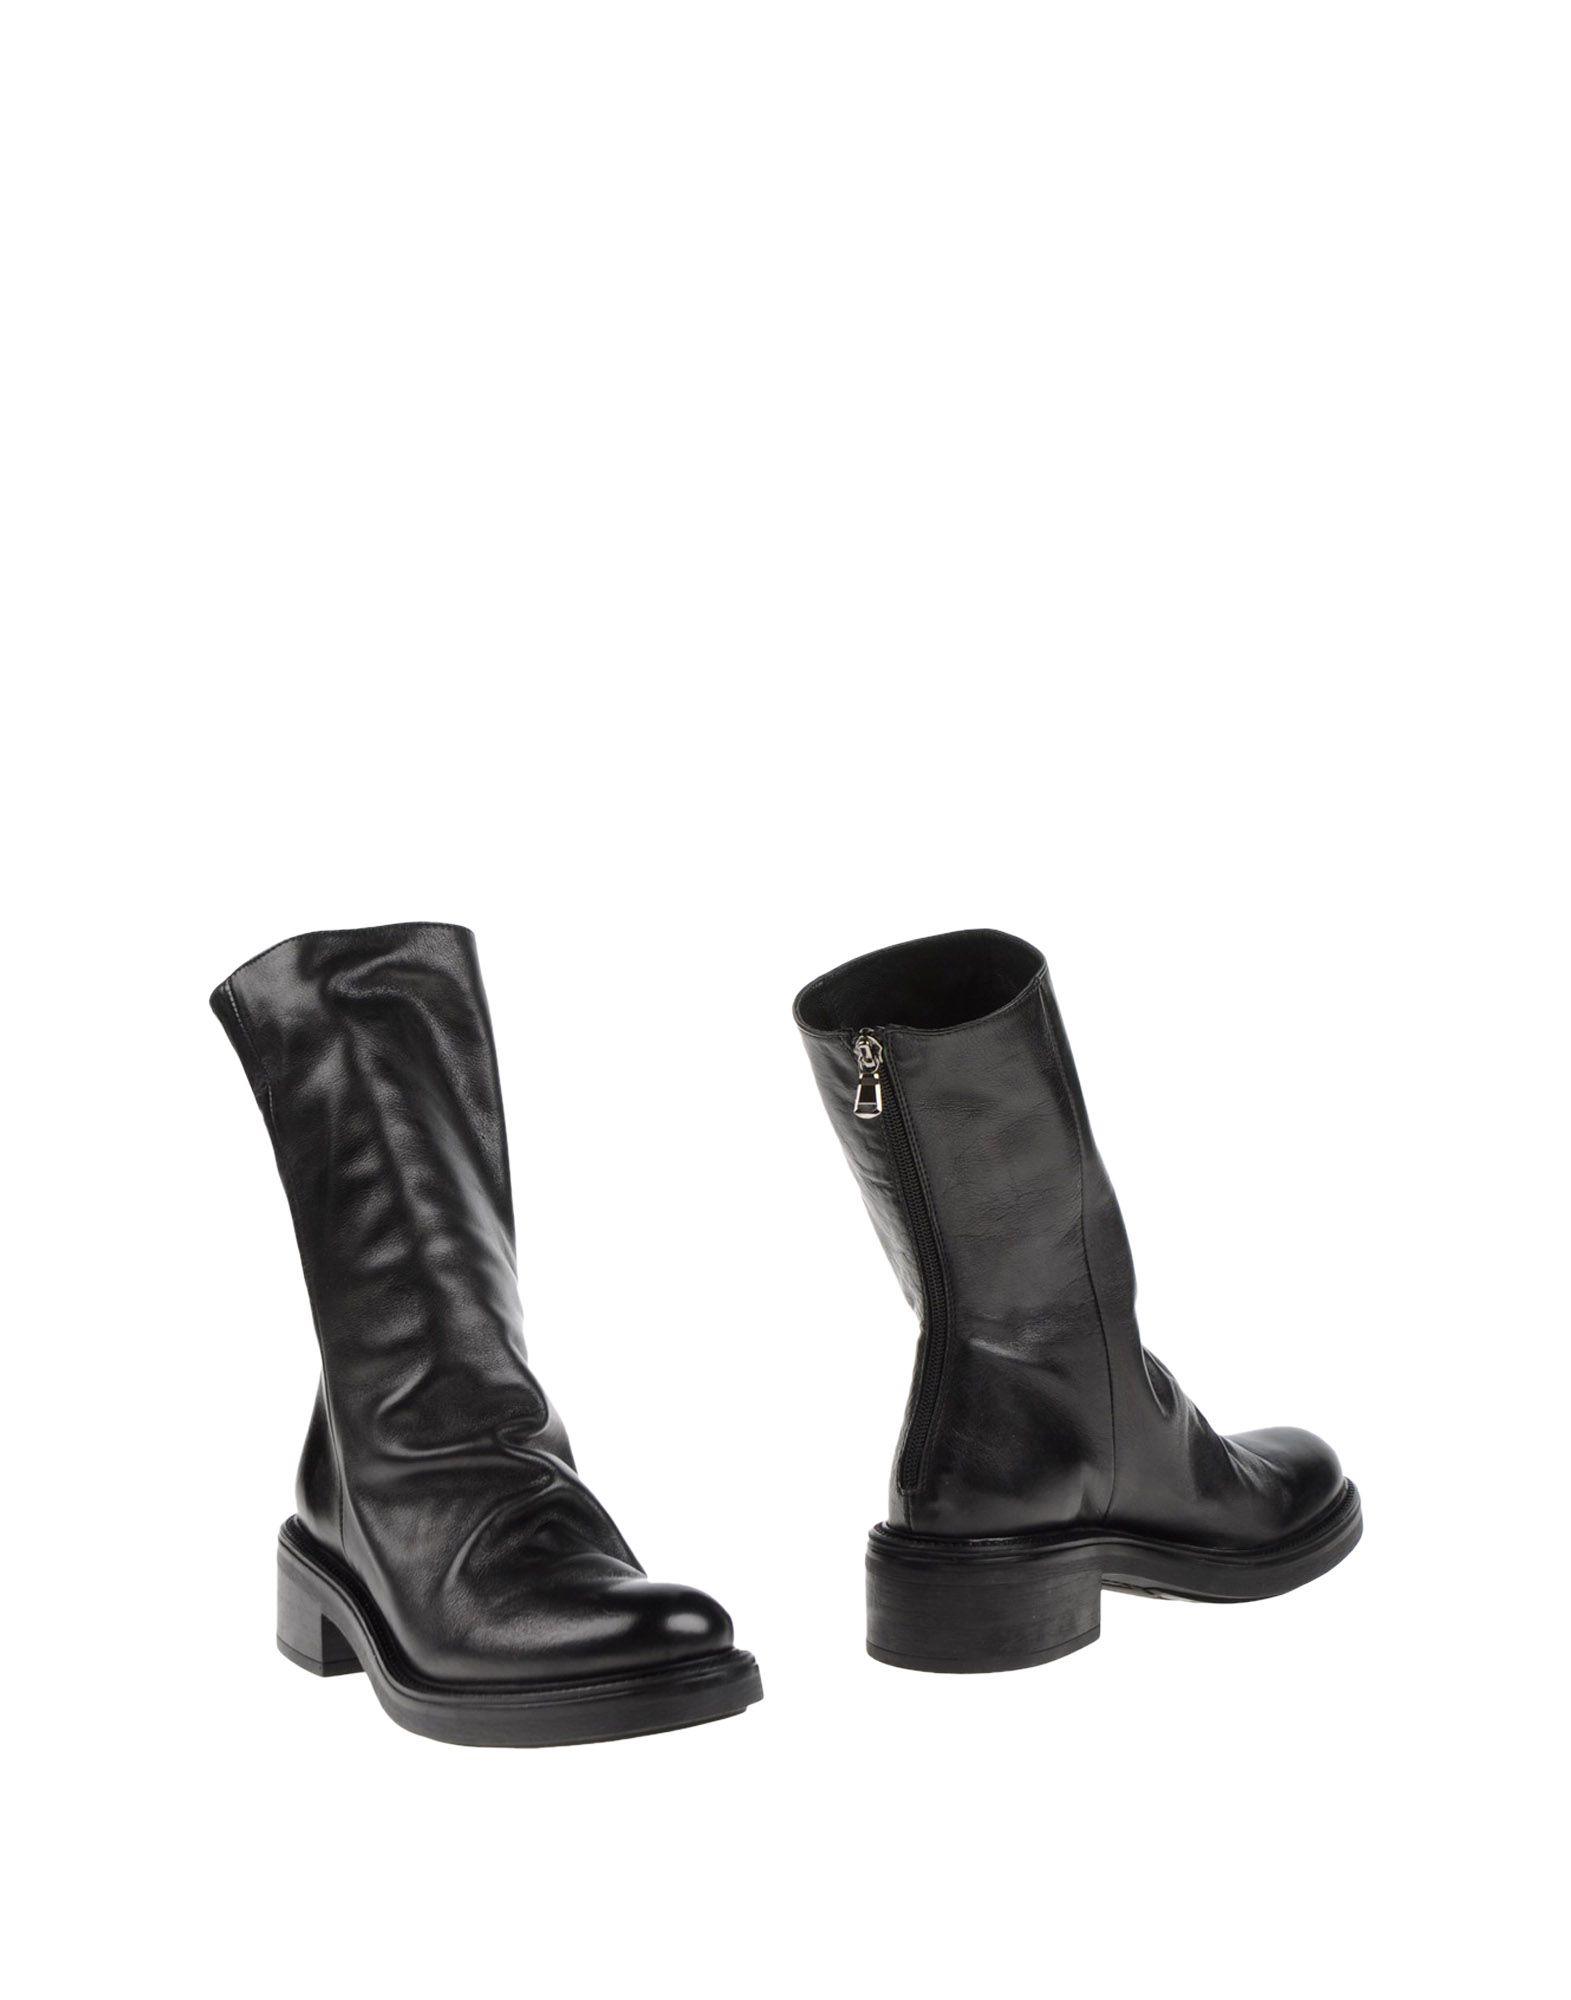 Strategia Stiefelette Damen  11245928FWGut aussehende strapazierfähige Schuhe